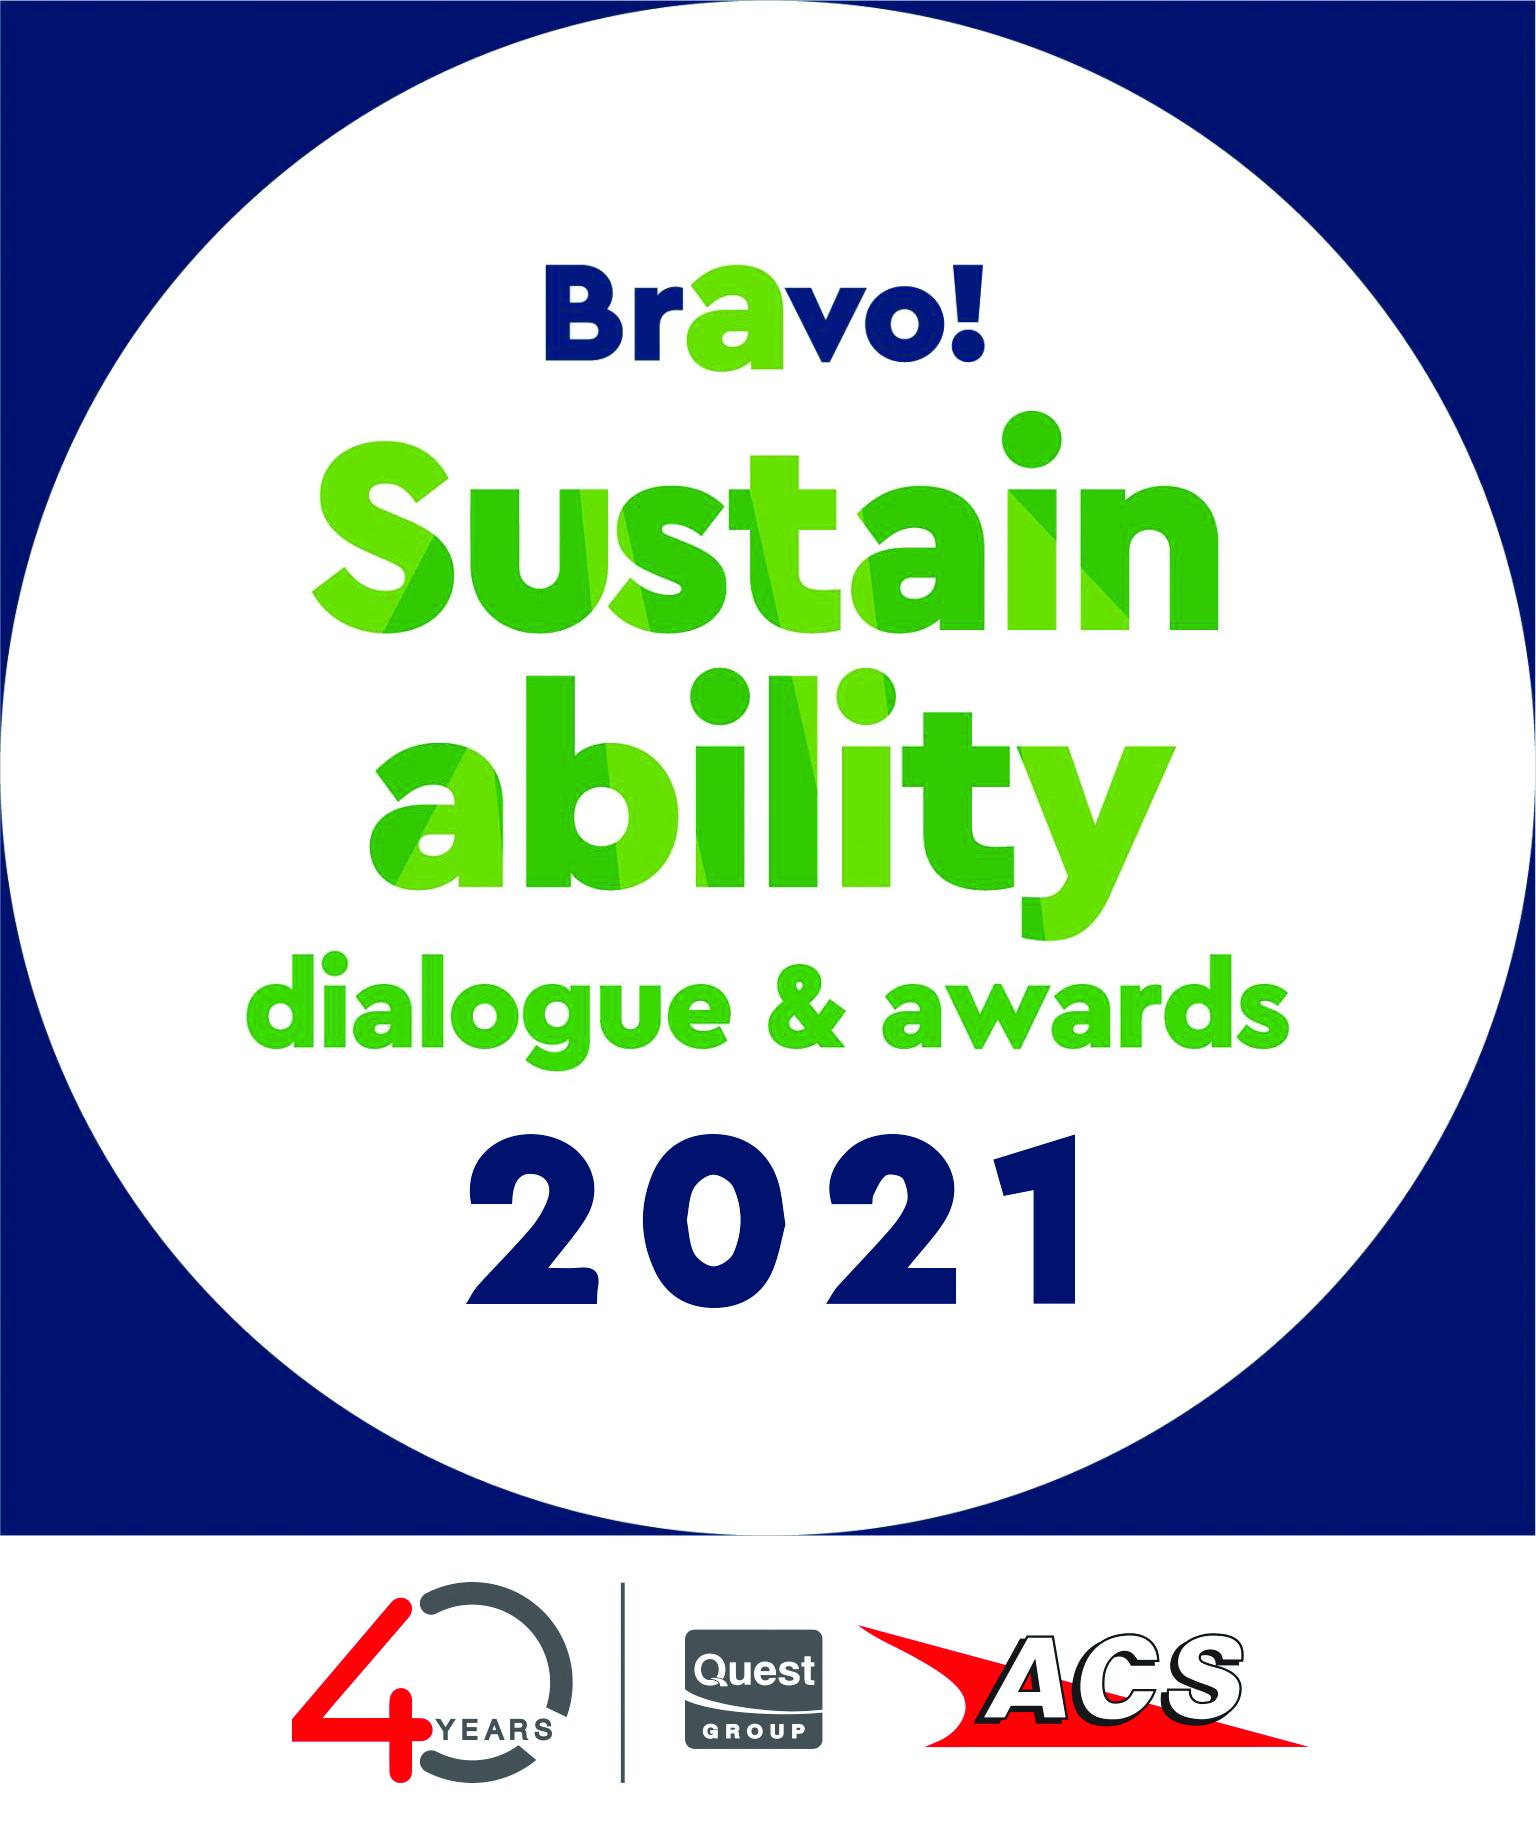 ACS BRAVO 2021 13Χ15,5cm CMYK 300dpi